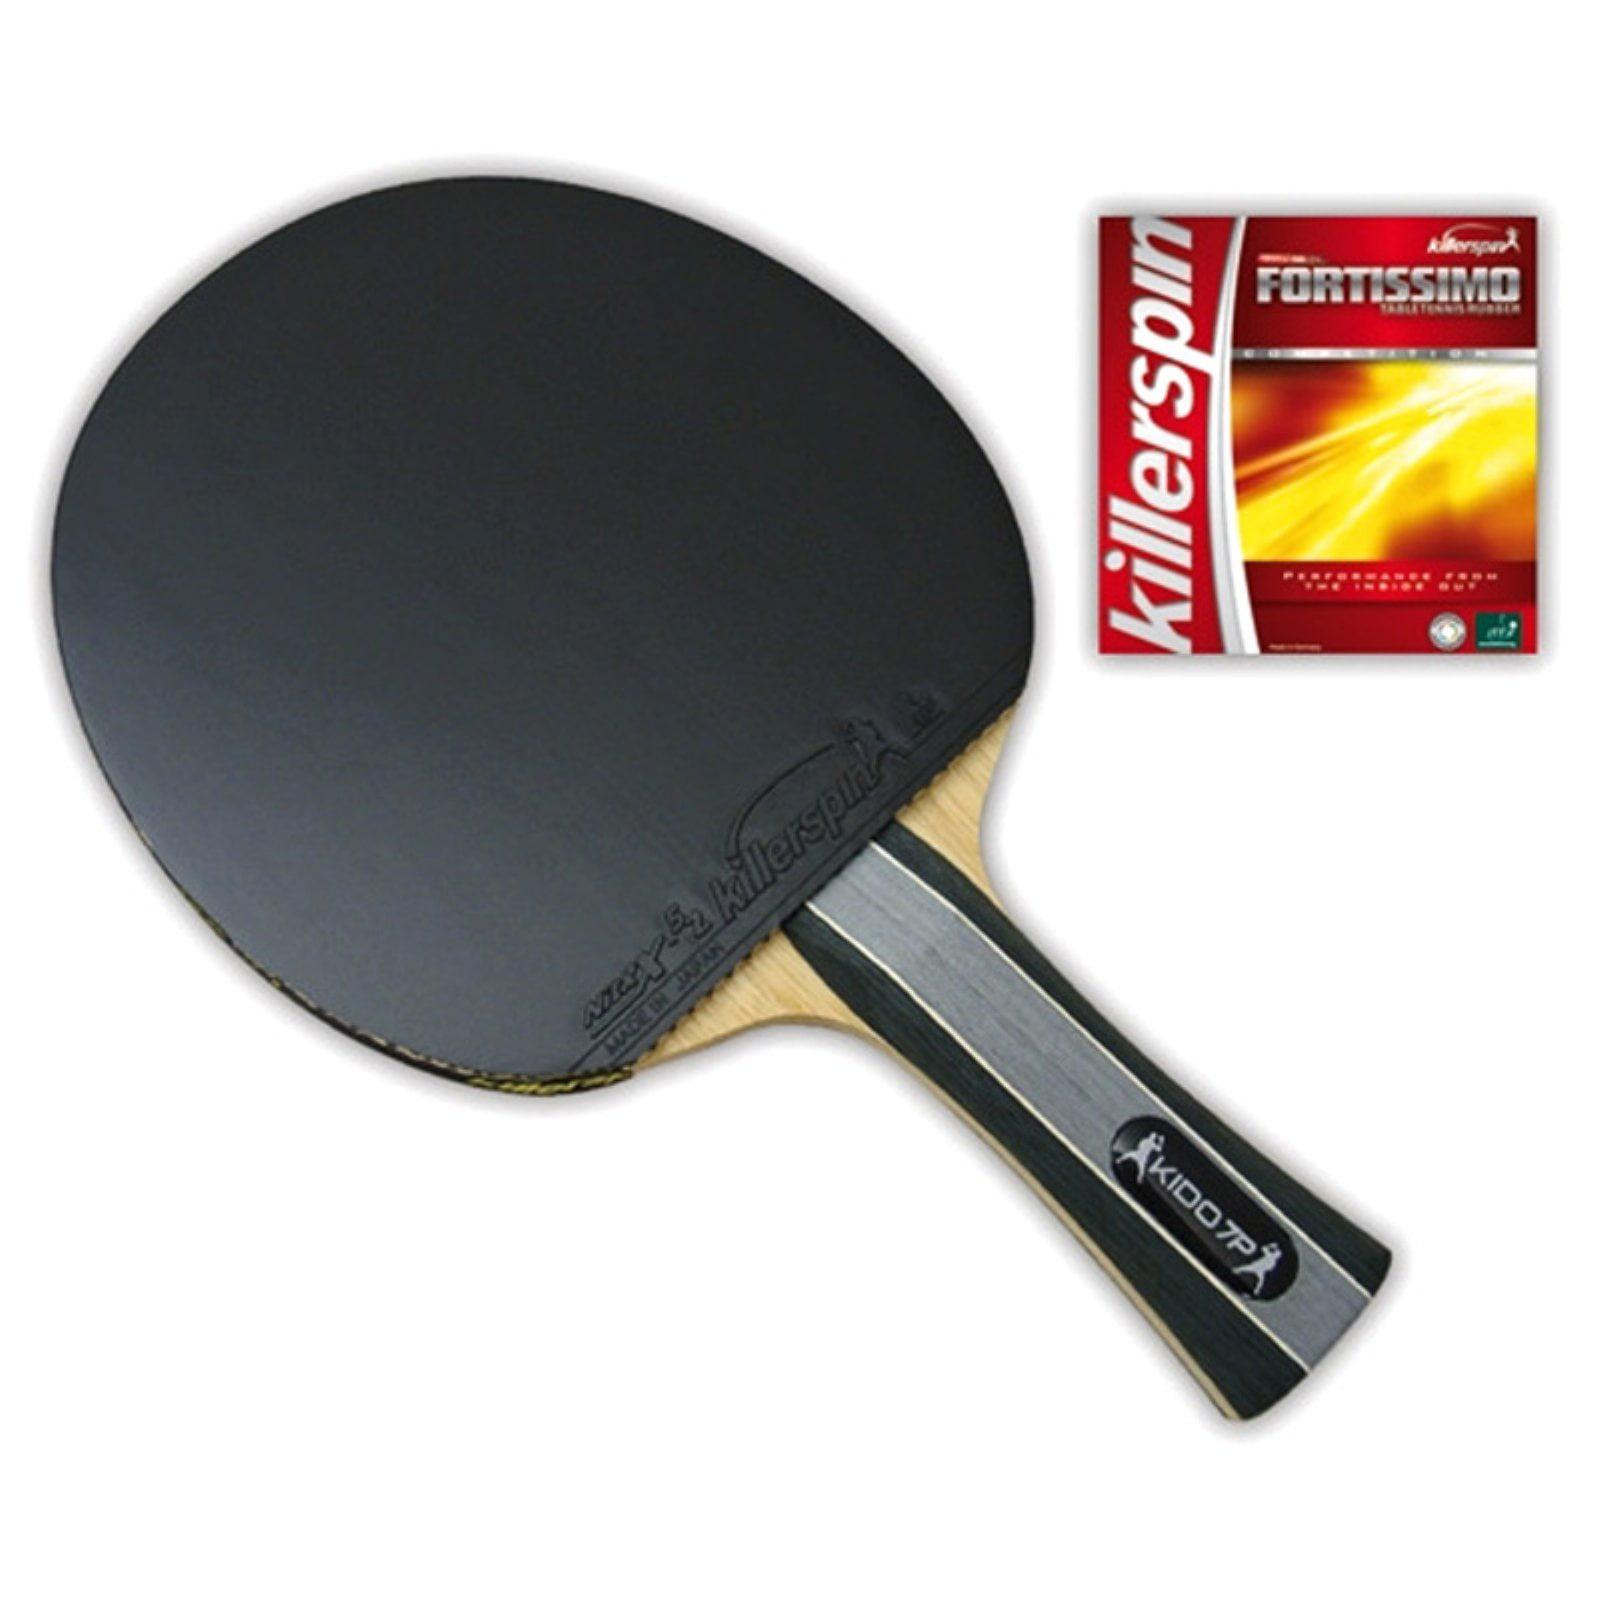 Killerspin RTG Kido 7P Premium Table Tennis Paddle